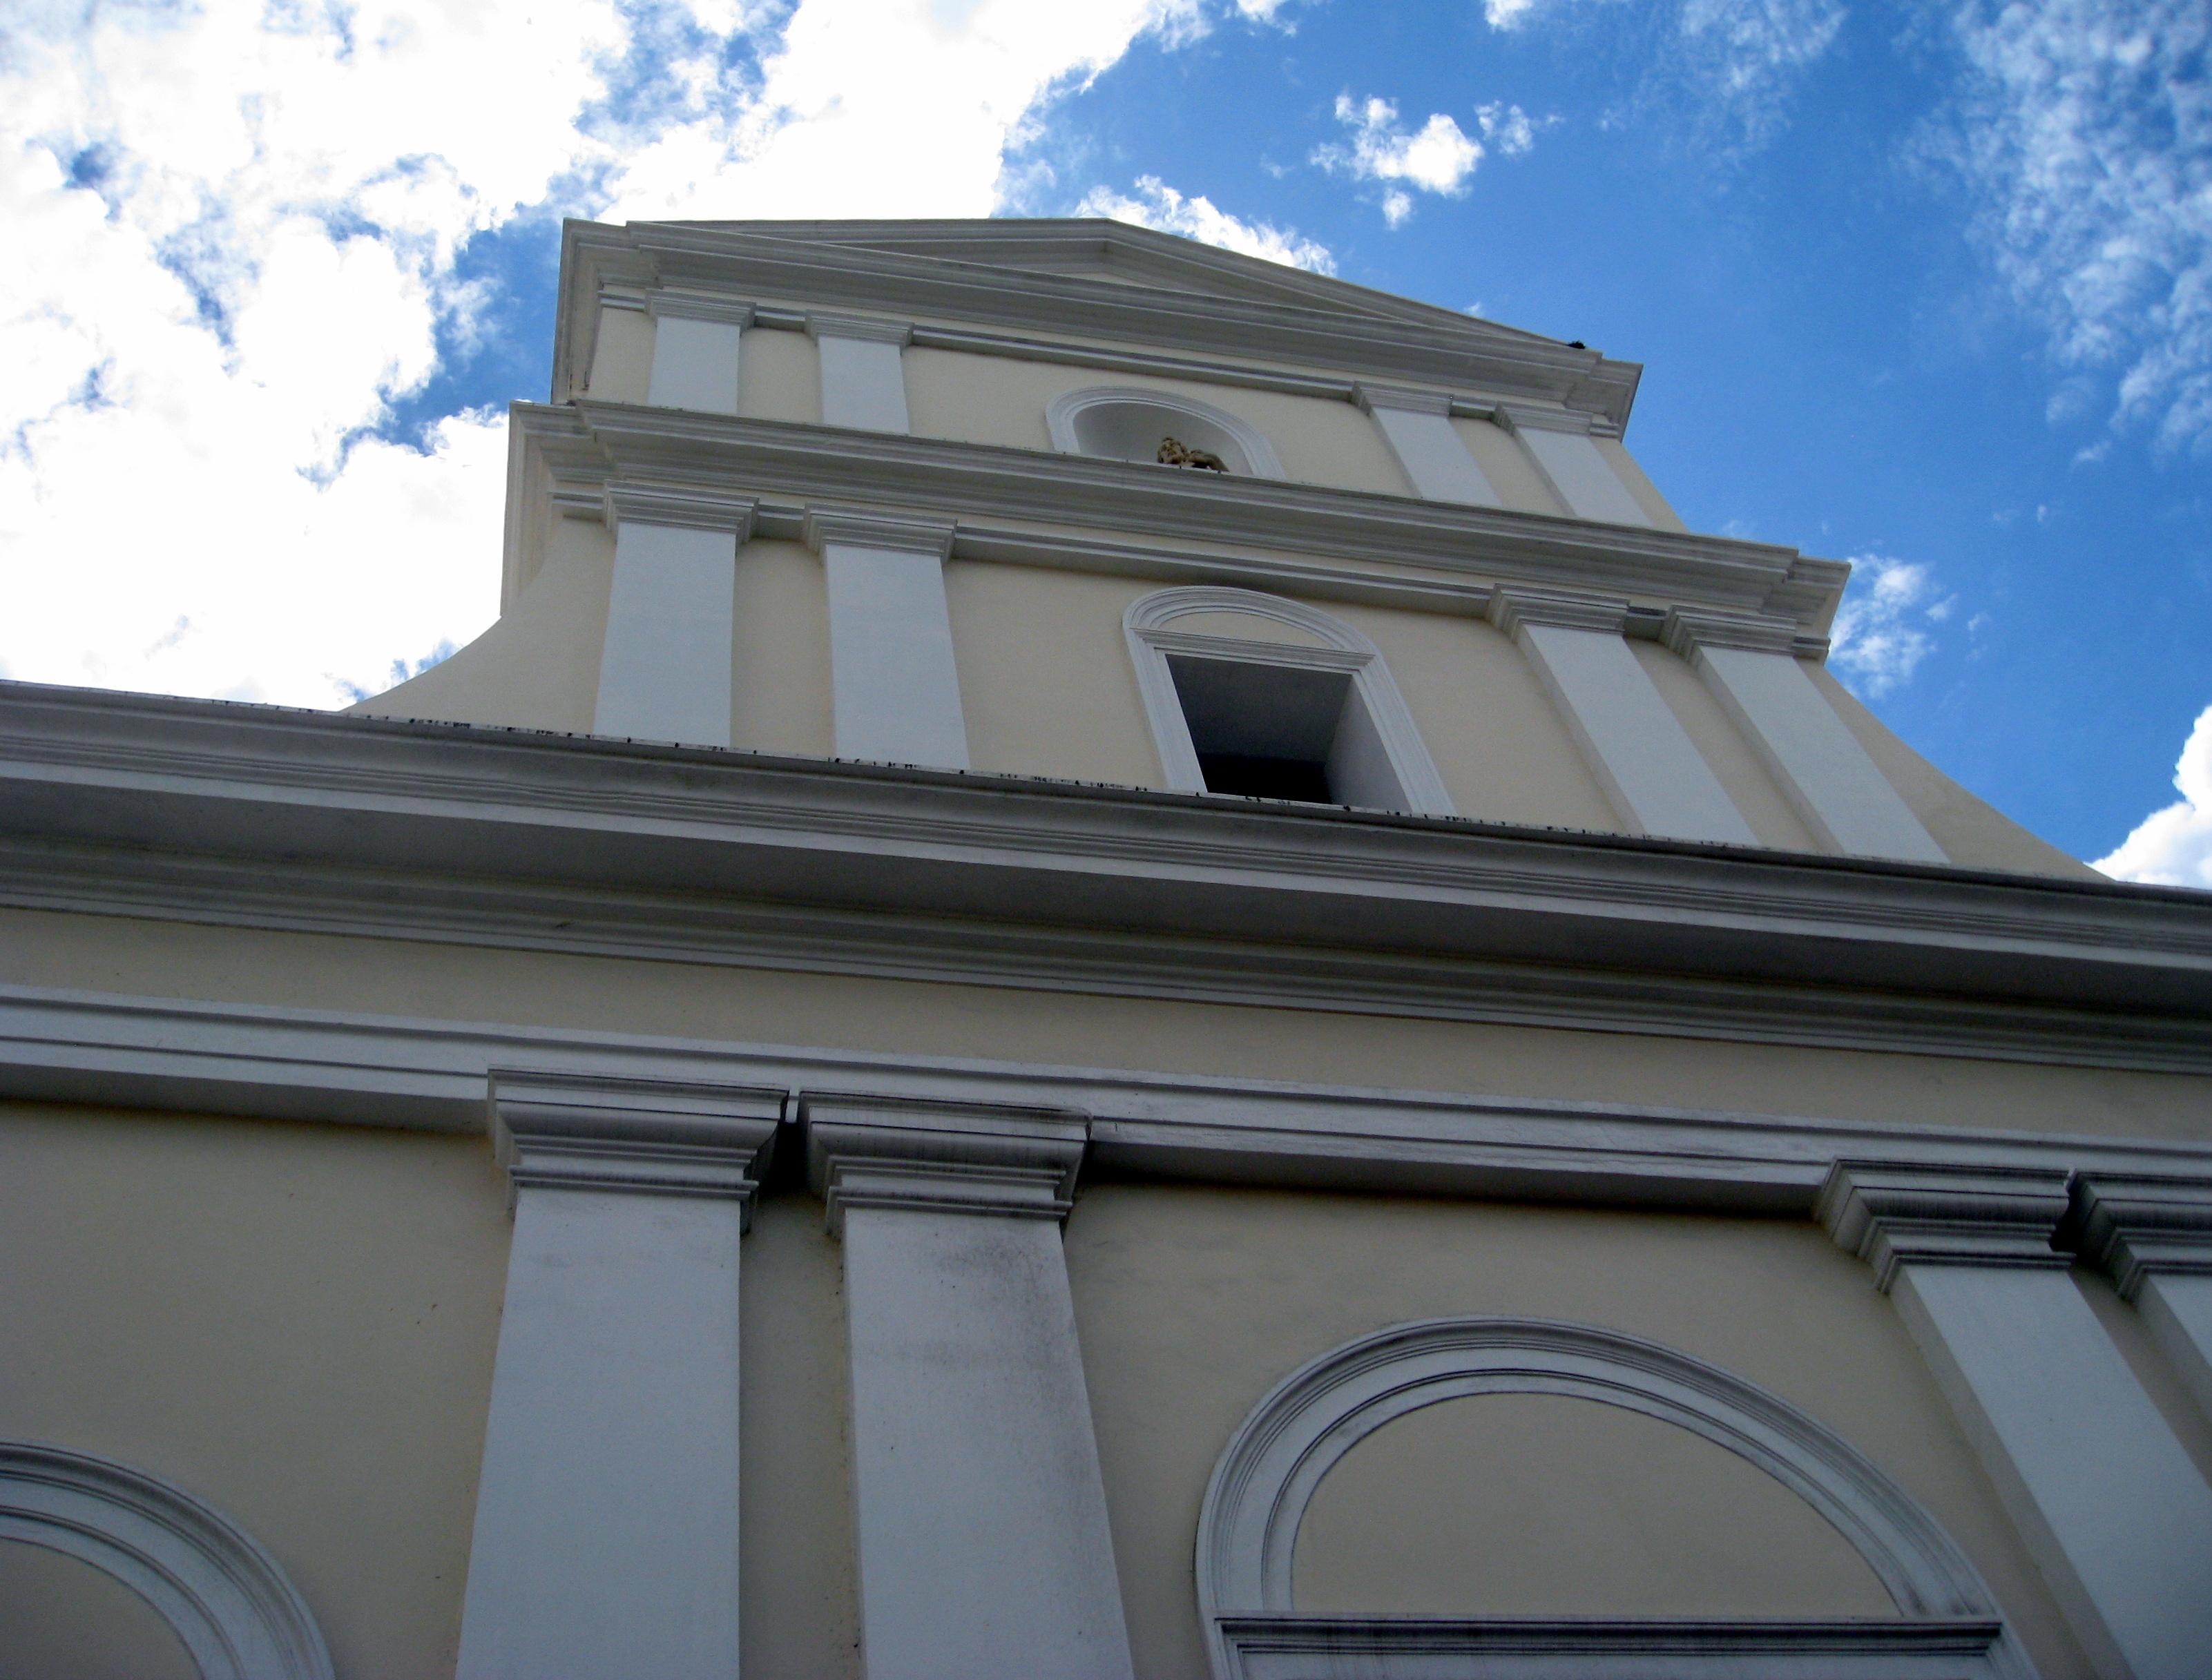 Puerto Rico - Old San Juan - Catedral de San Juan Bautista